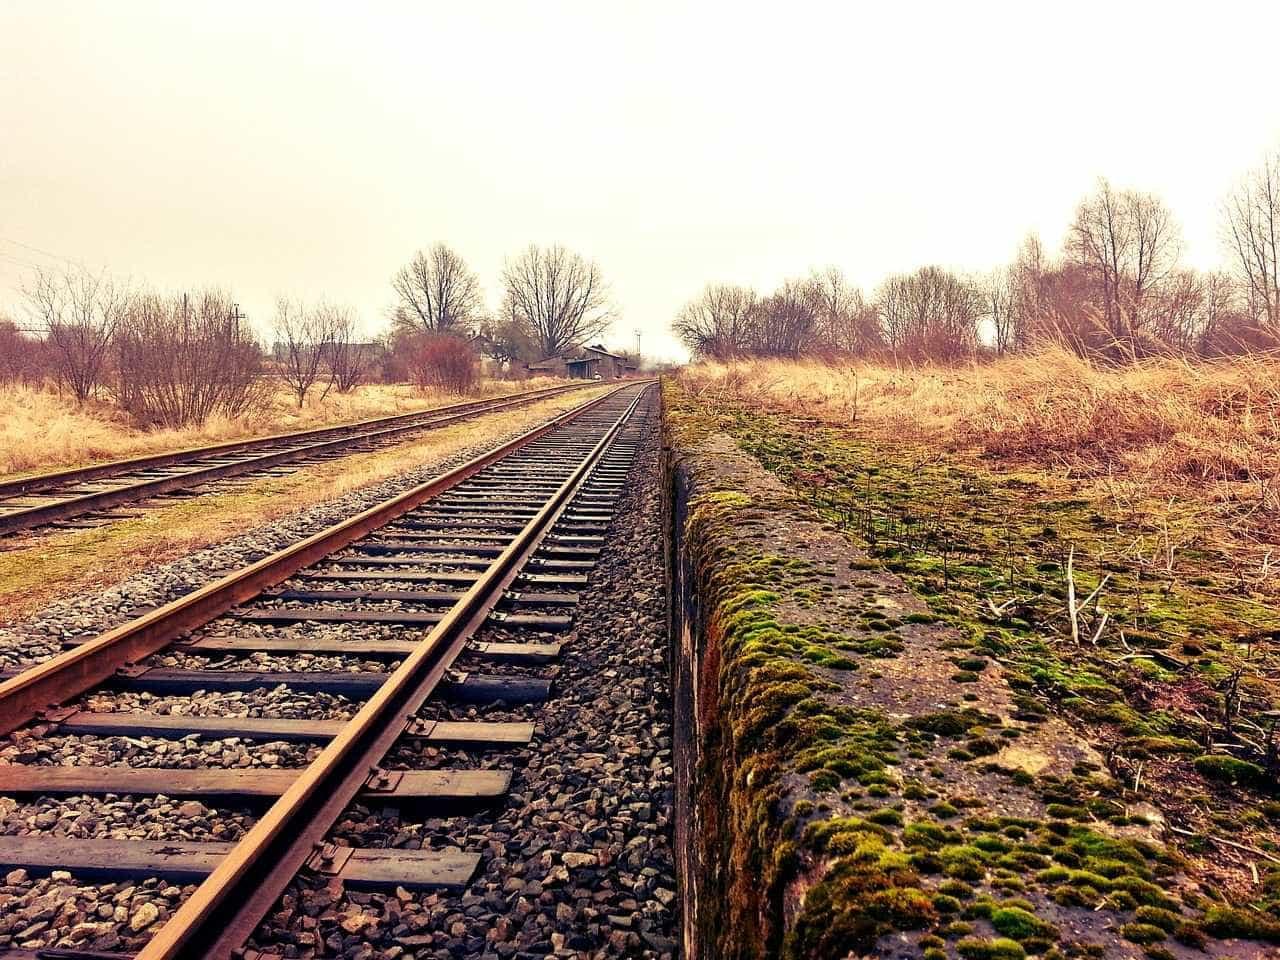 Linha de comboio interrompida devido a atropelamento mortal em Abrantes